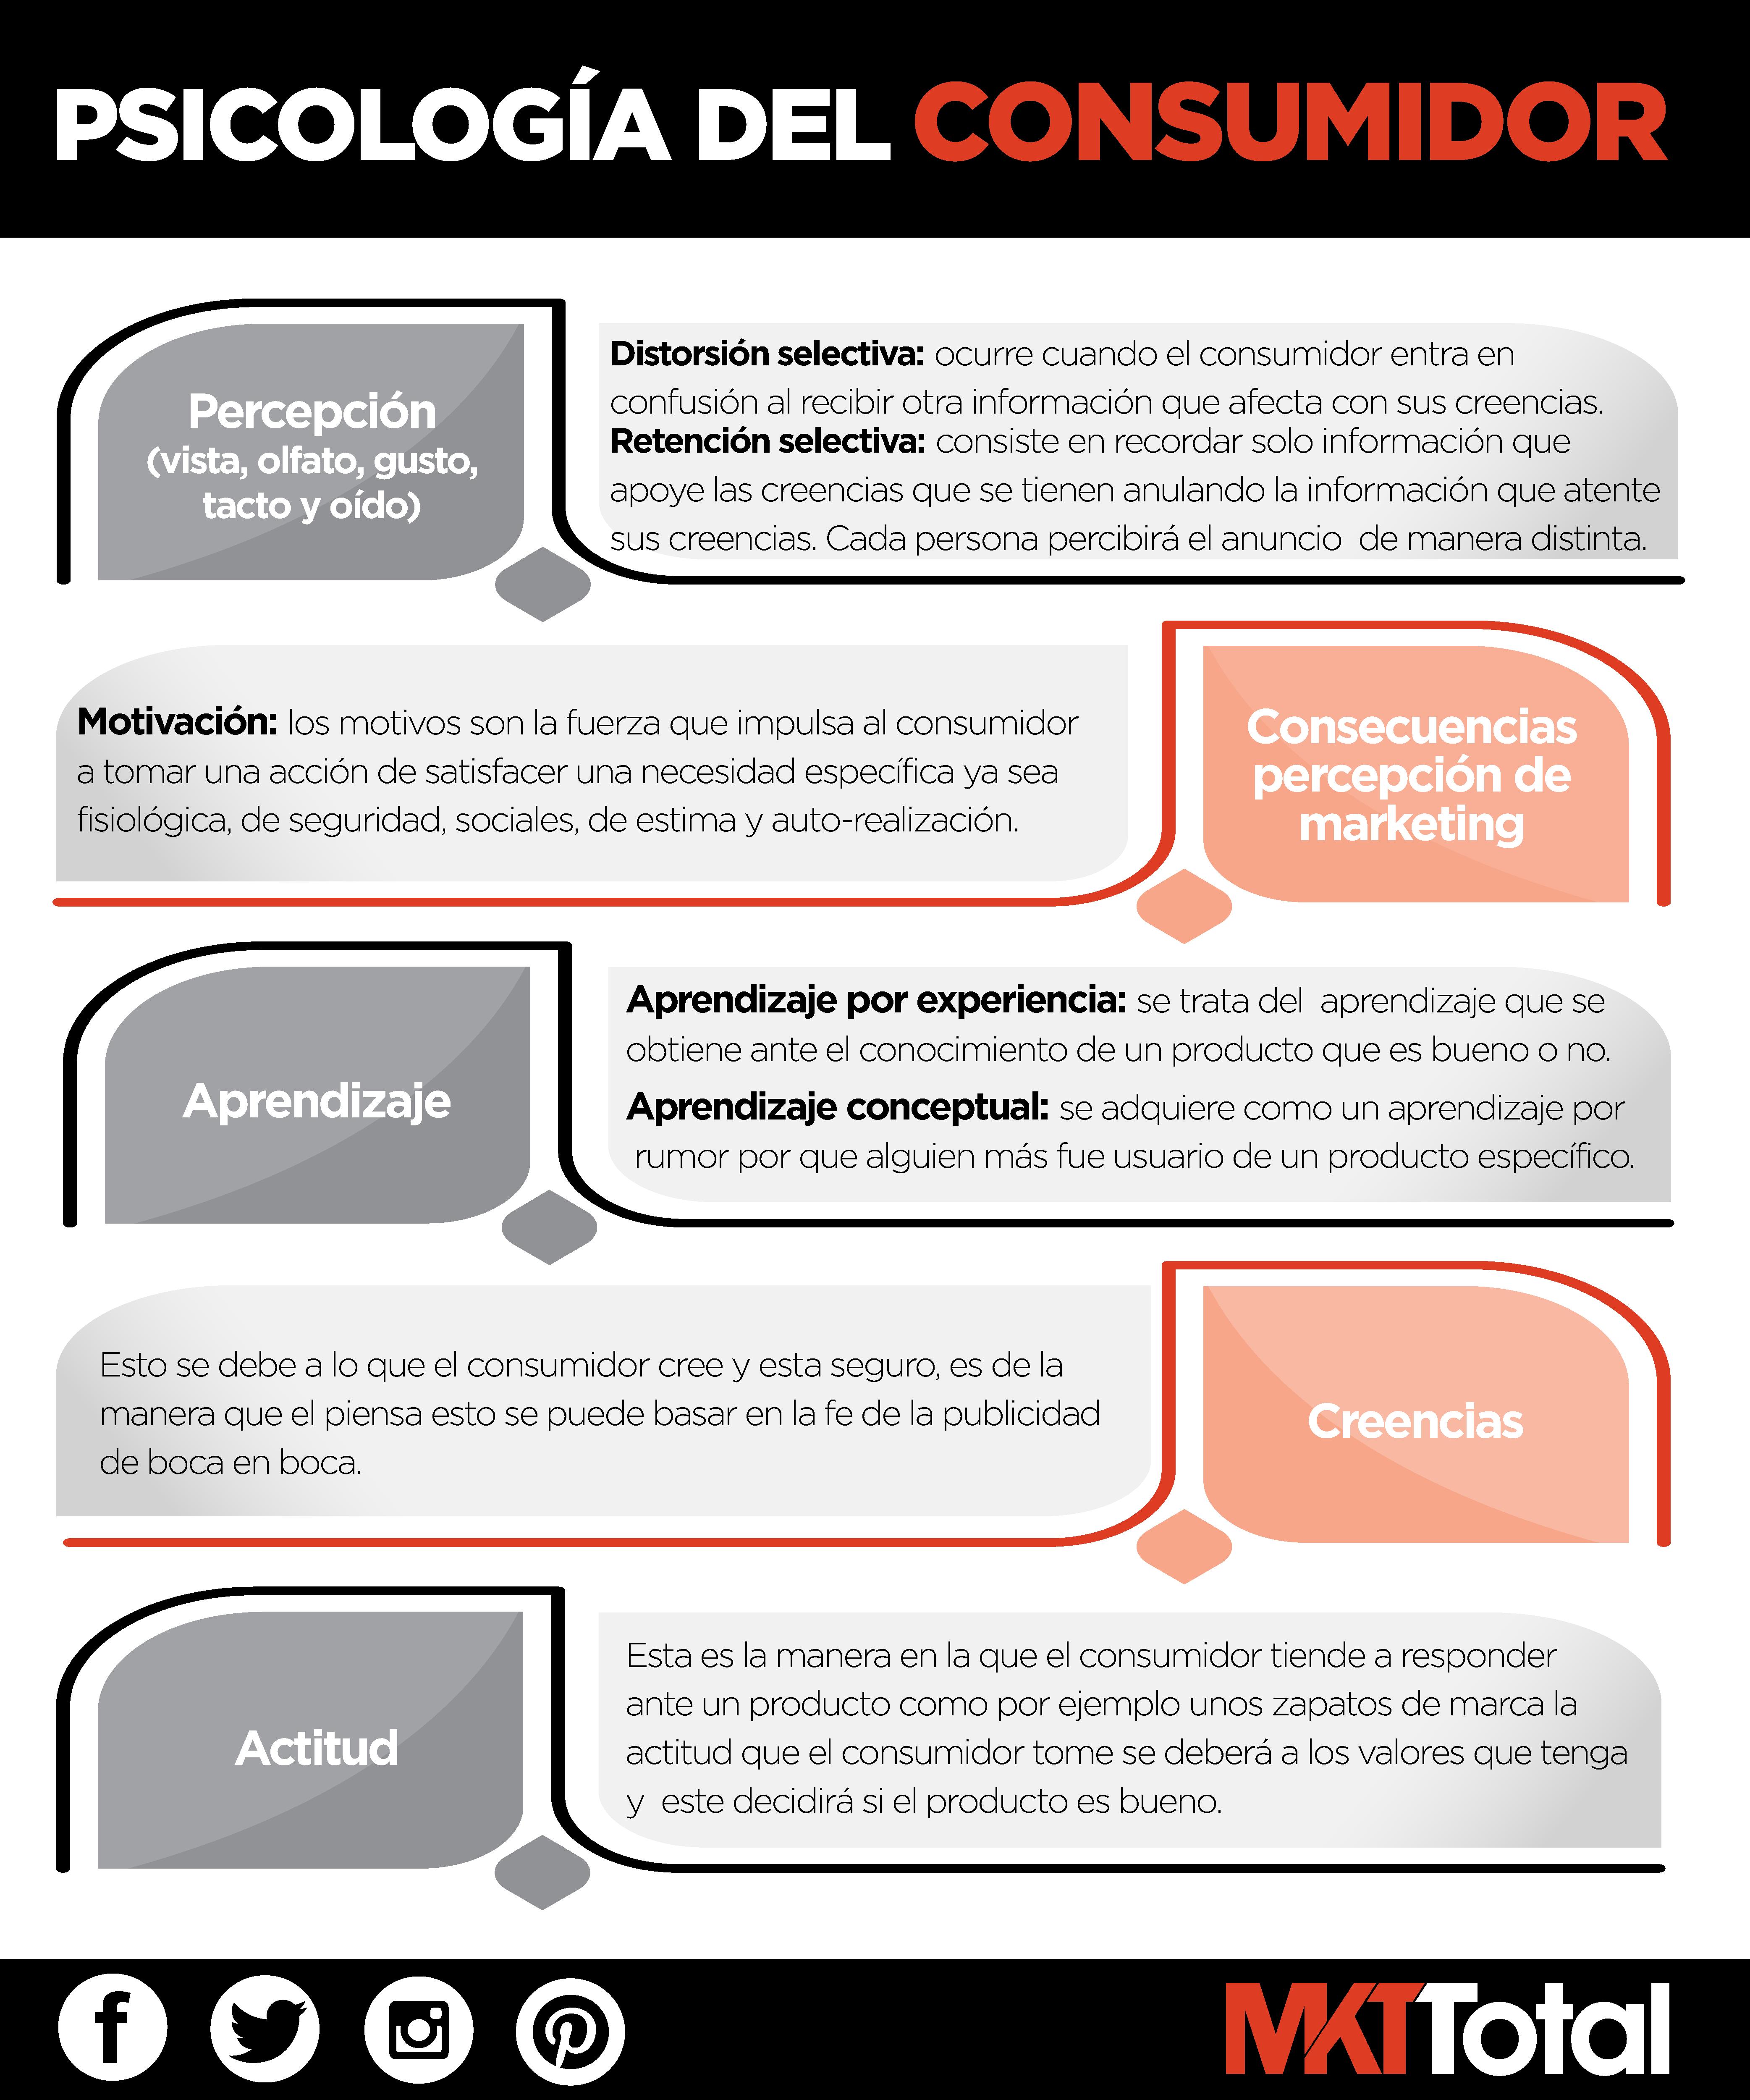 Psicología del consumidor Plan De Marketing Digital, Marketing Empresarial,  Marketing Publicidad, Negocio Online